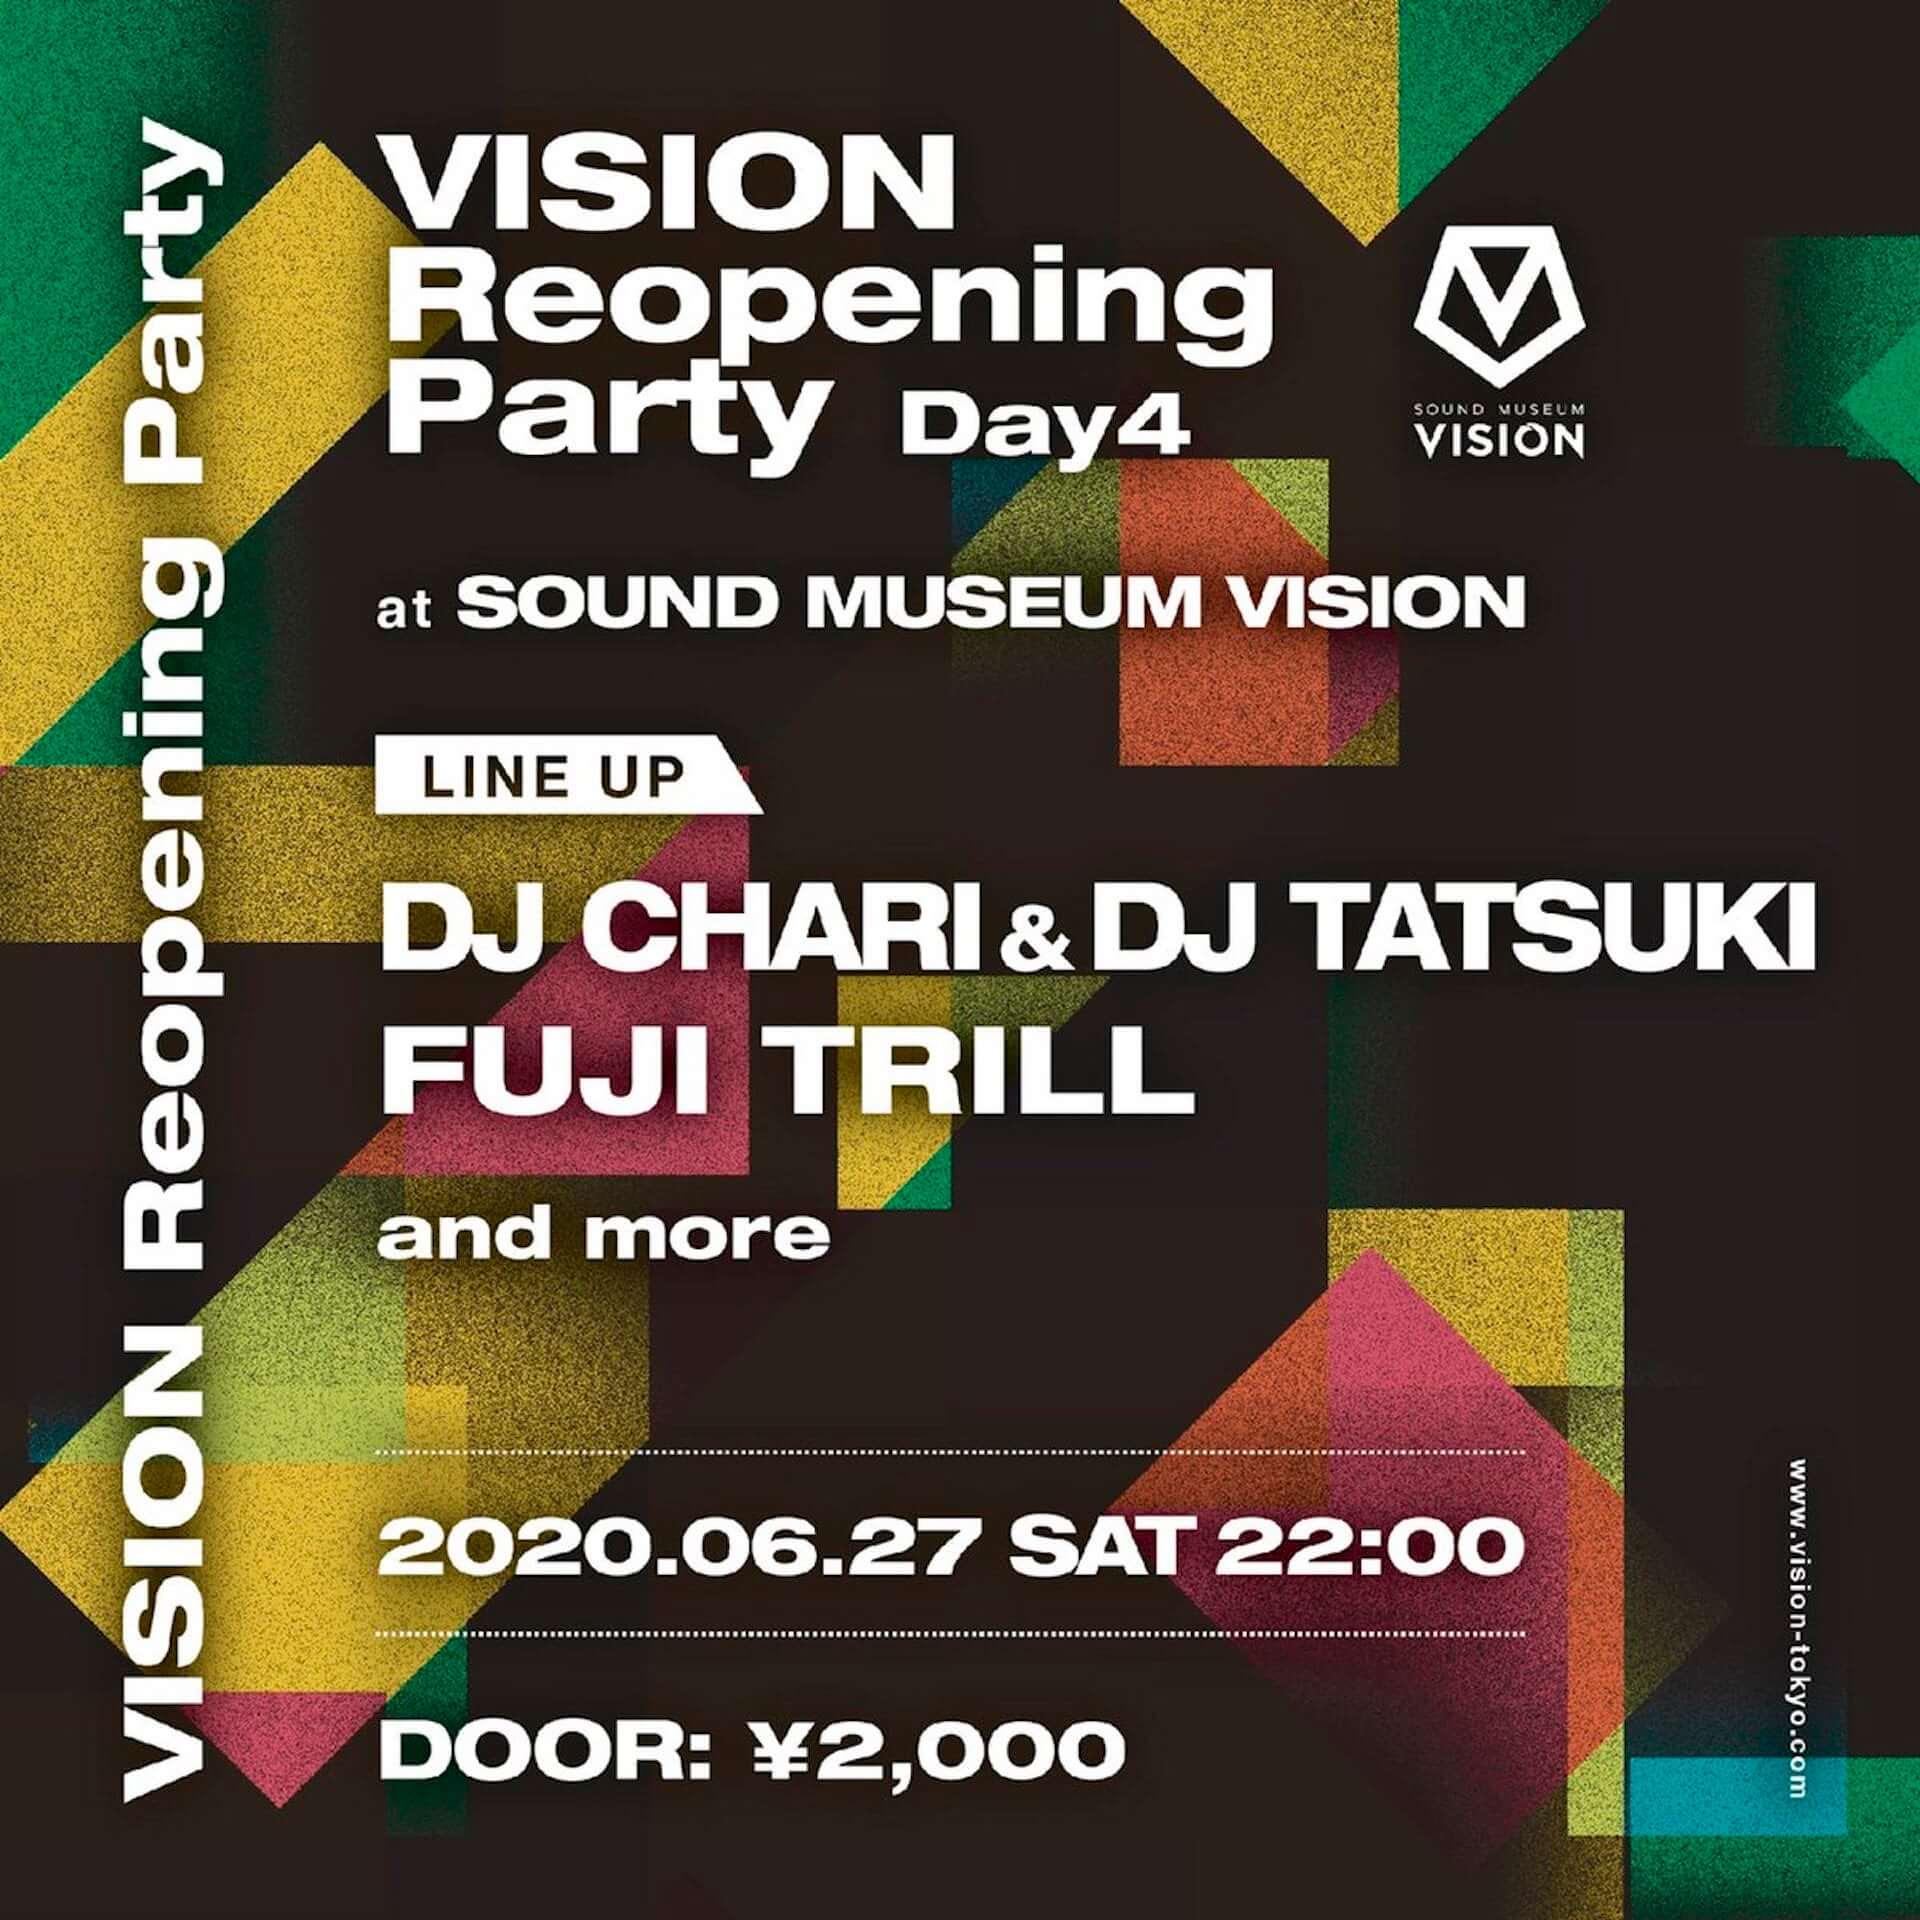 渋谷・VISIONの営業再開パーティー第3&4弾が今週末開催!FUJI TRILL、DJ HAZIME、DJ CHARI&DJ TATSUKIらが出演 music200625_vision-tokyo_3-1920x1920